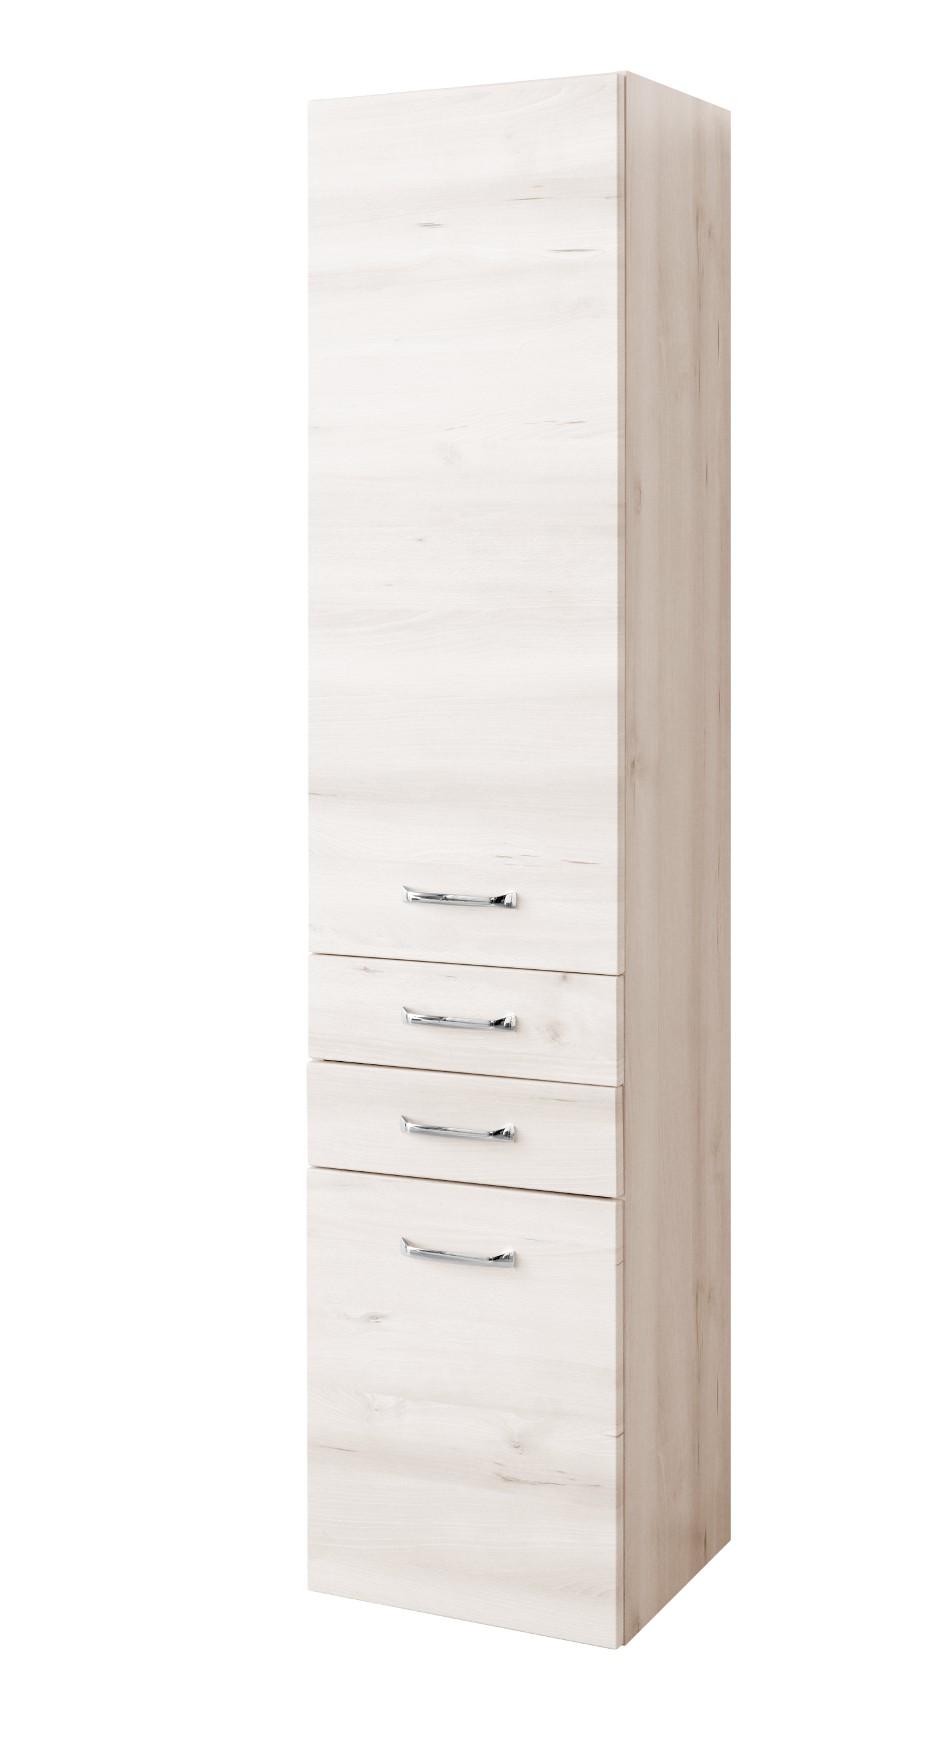 40cm breit rollo montage ohne werkzeug breite cm bis cm x lnge cm with 40cm breit optifit. Black Bedroom Furniture Sets. Home Design Ideas